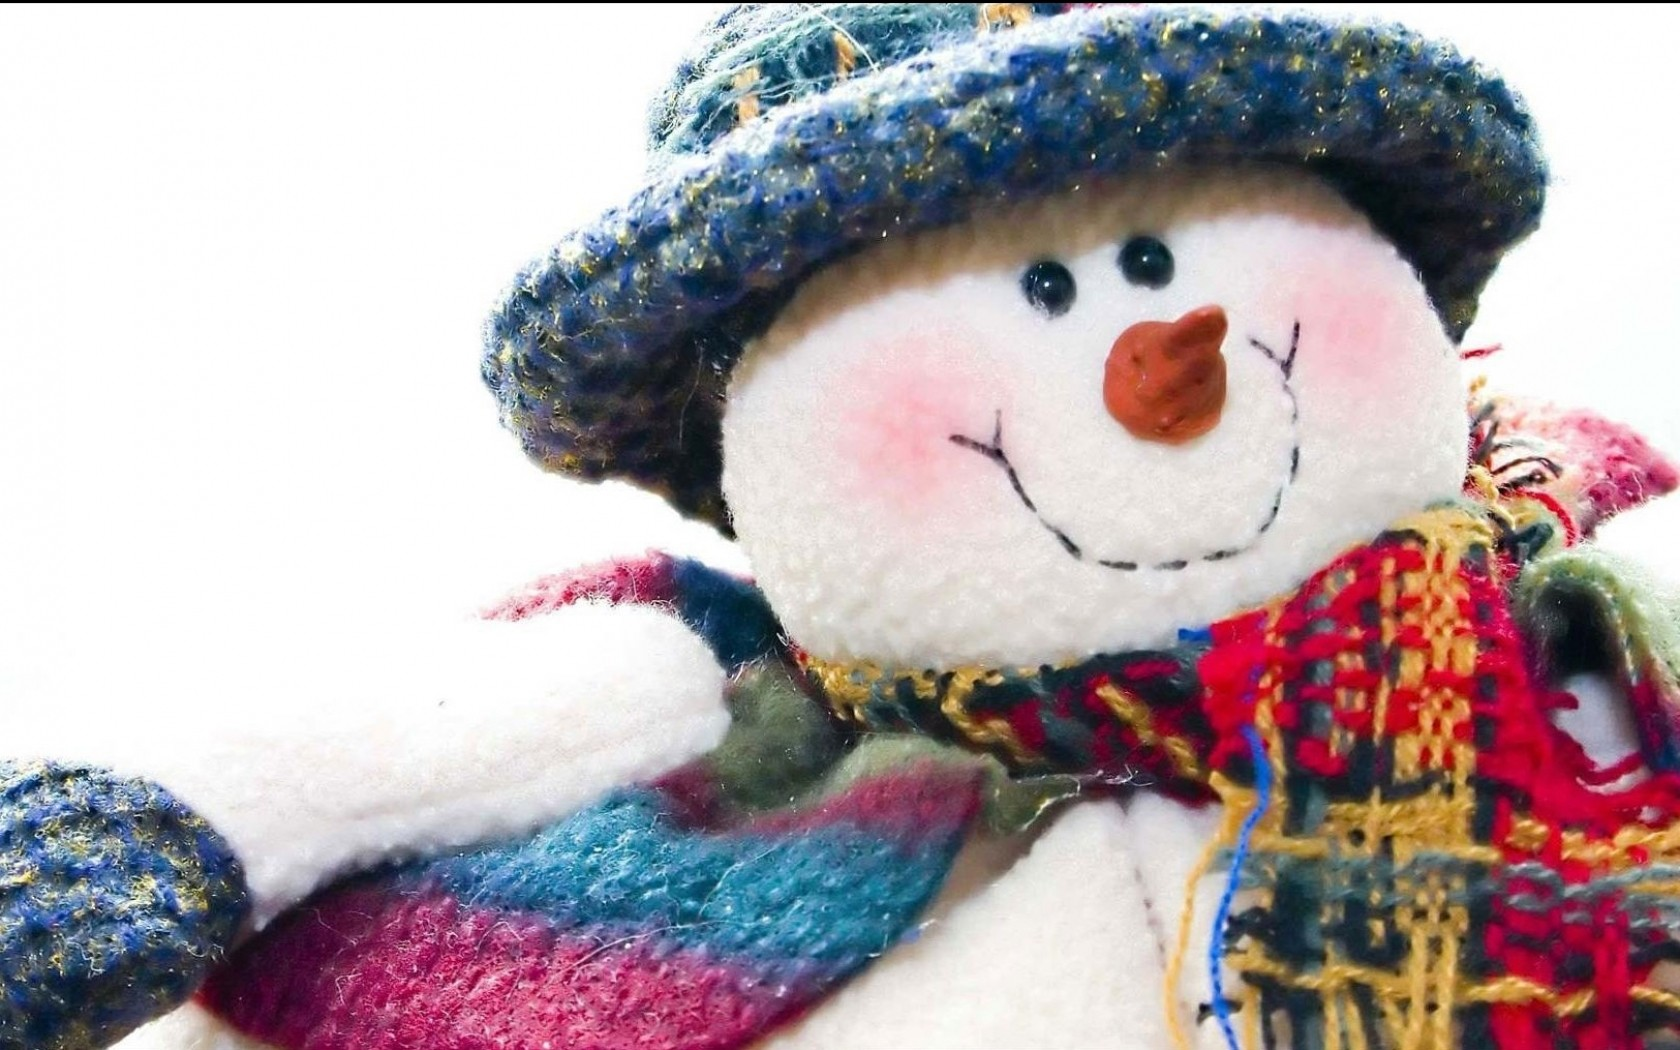 Peluche de hombre de las nieves tejido - 1680x1050